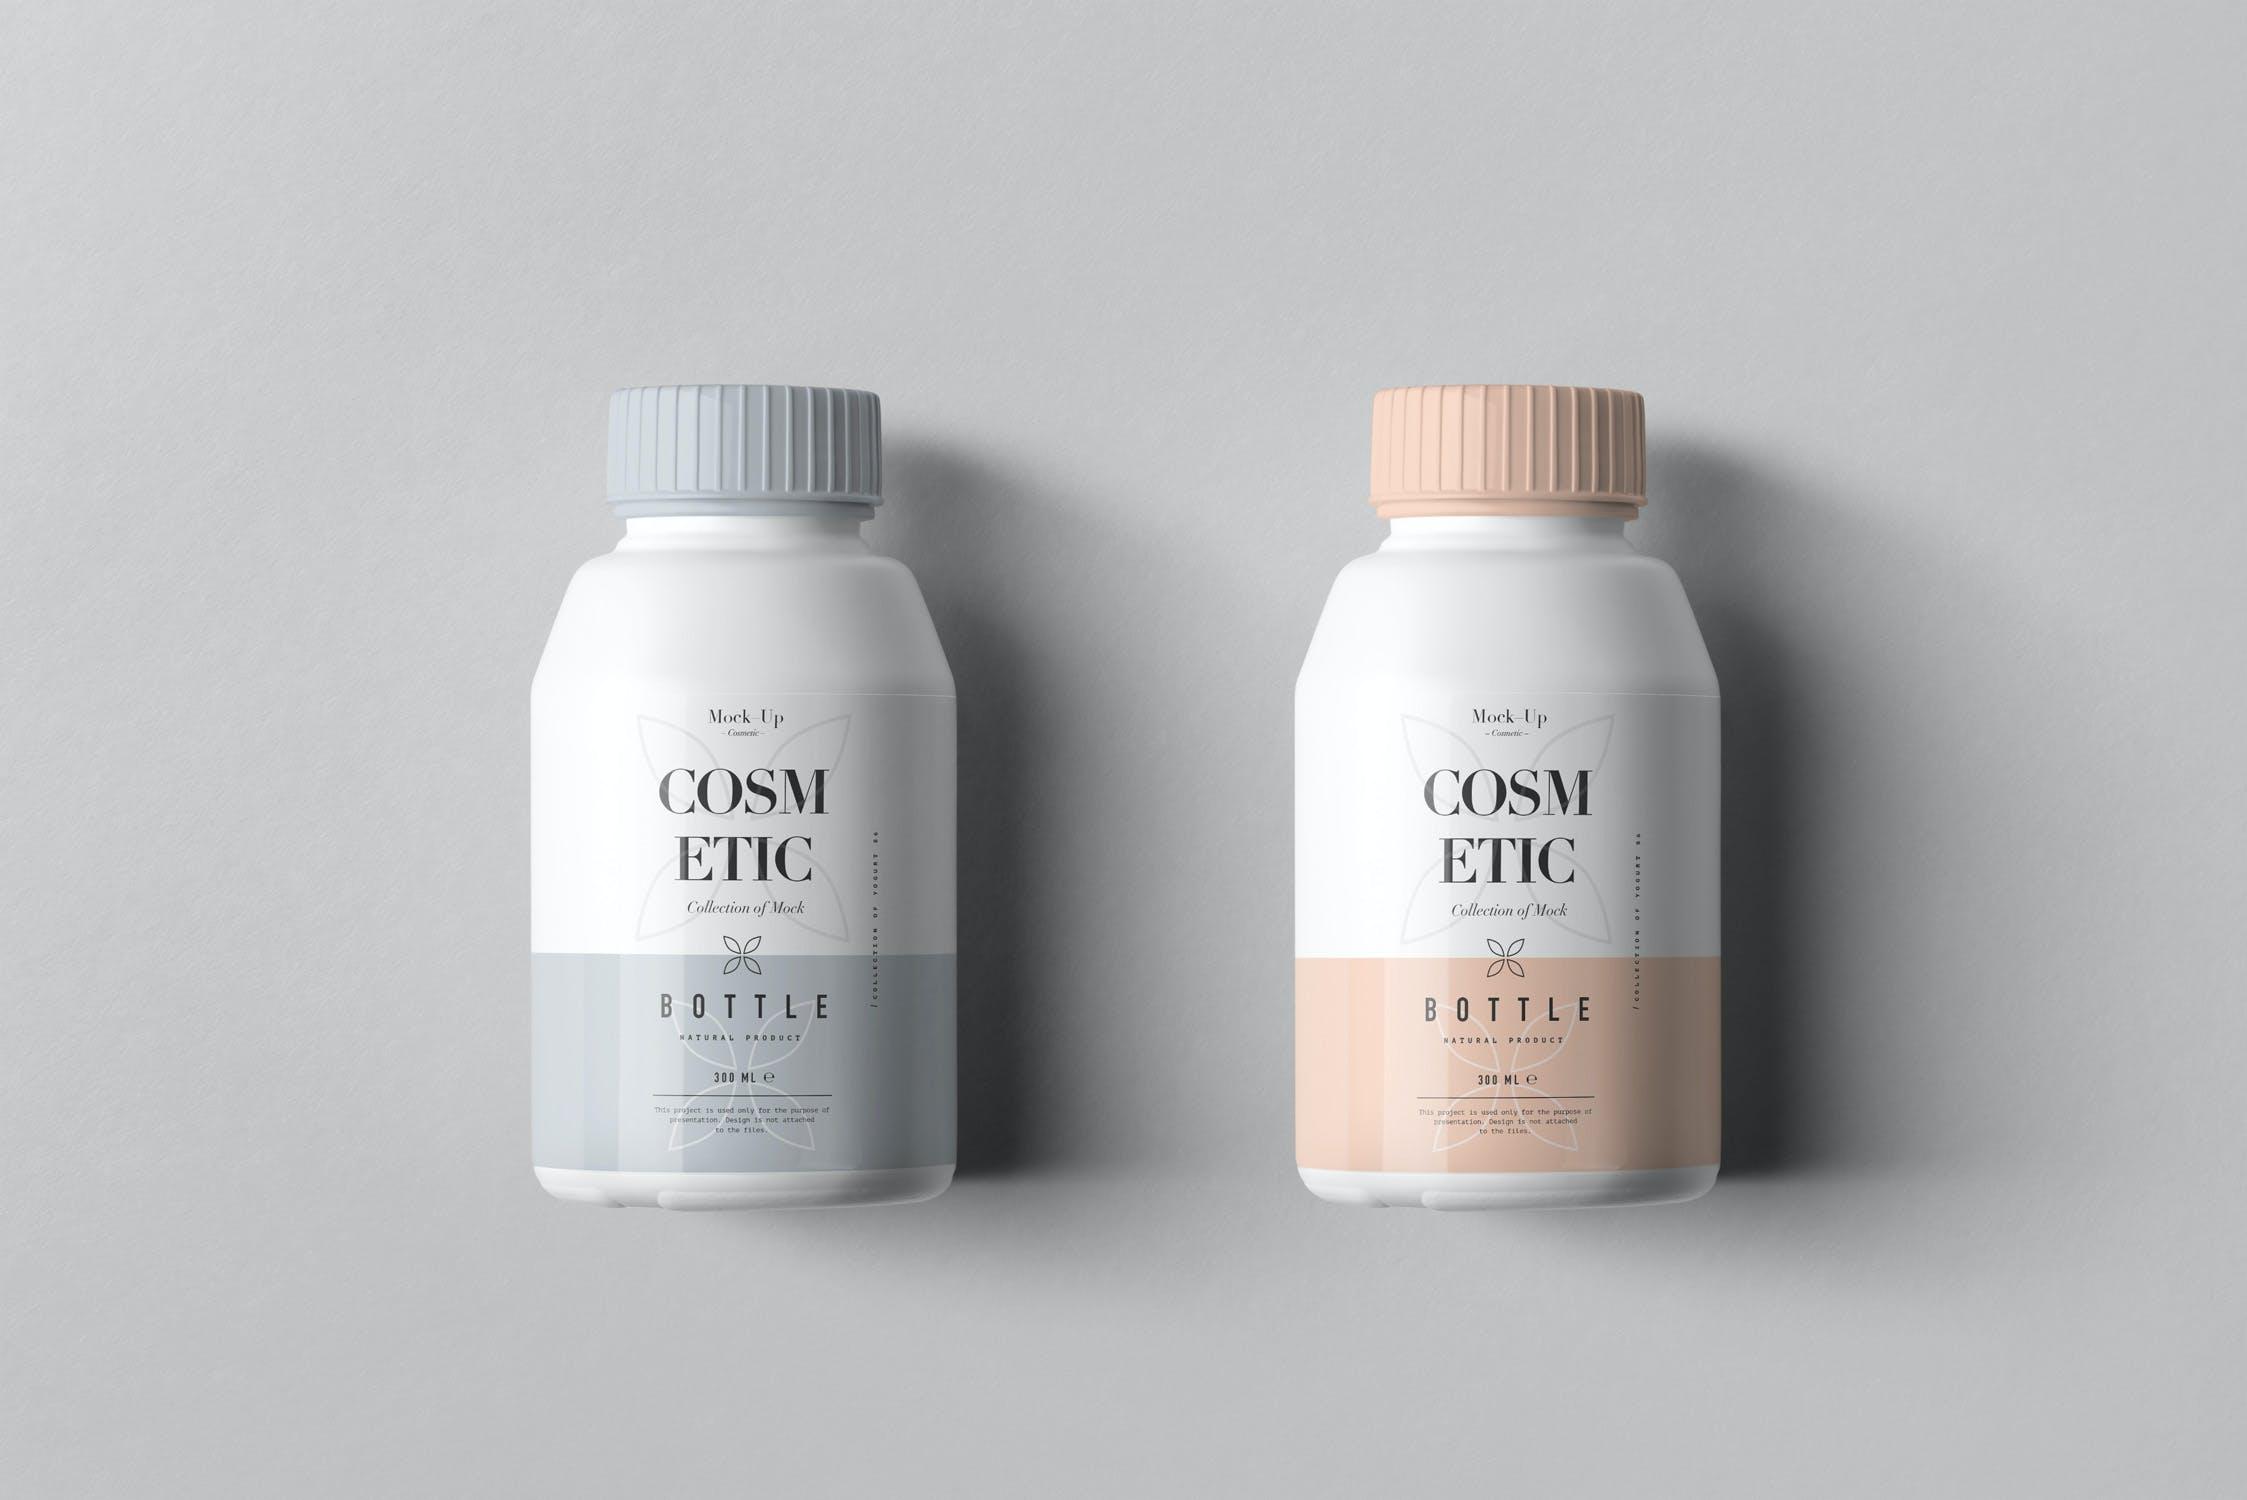 10款化妆品塑料包装罐设计展示样机PSD模板 Cosmetic Bottle Mockup 3插图(9)